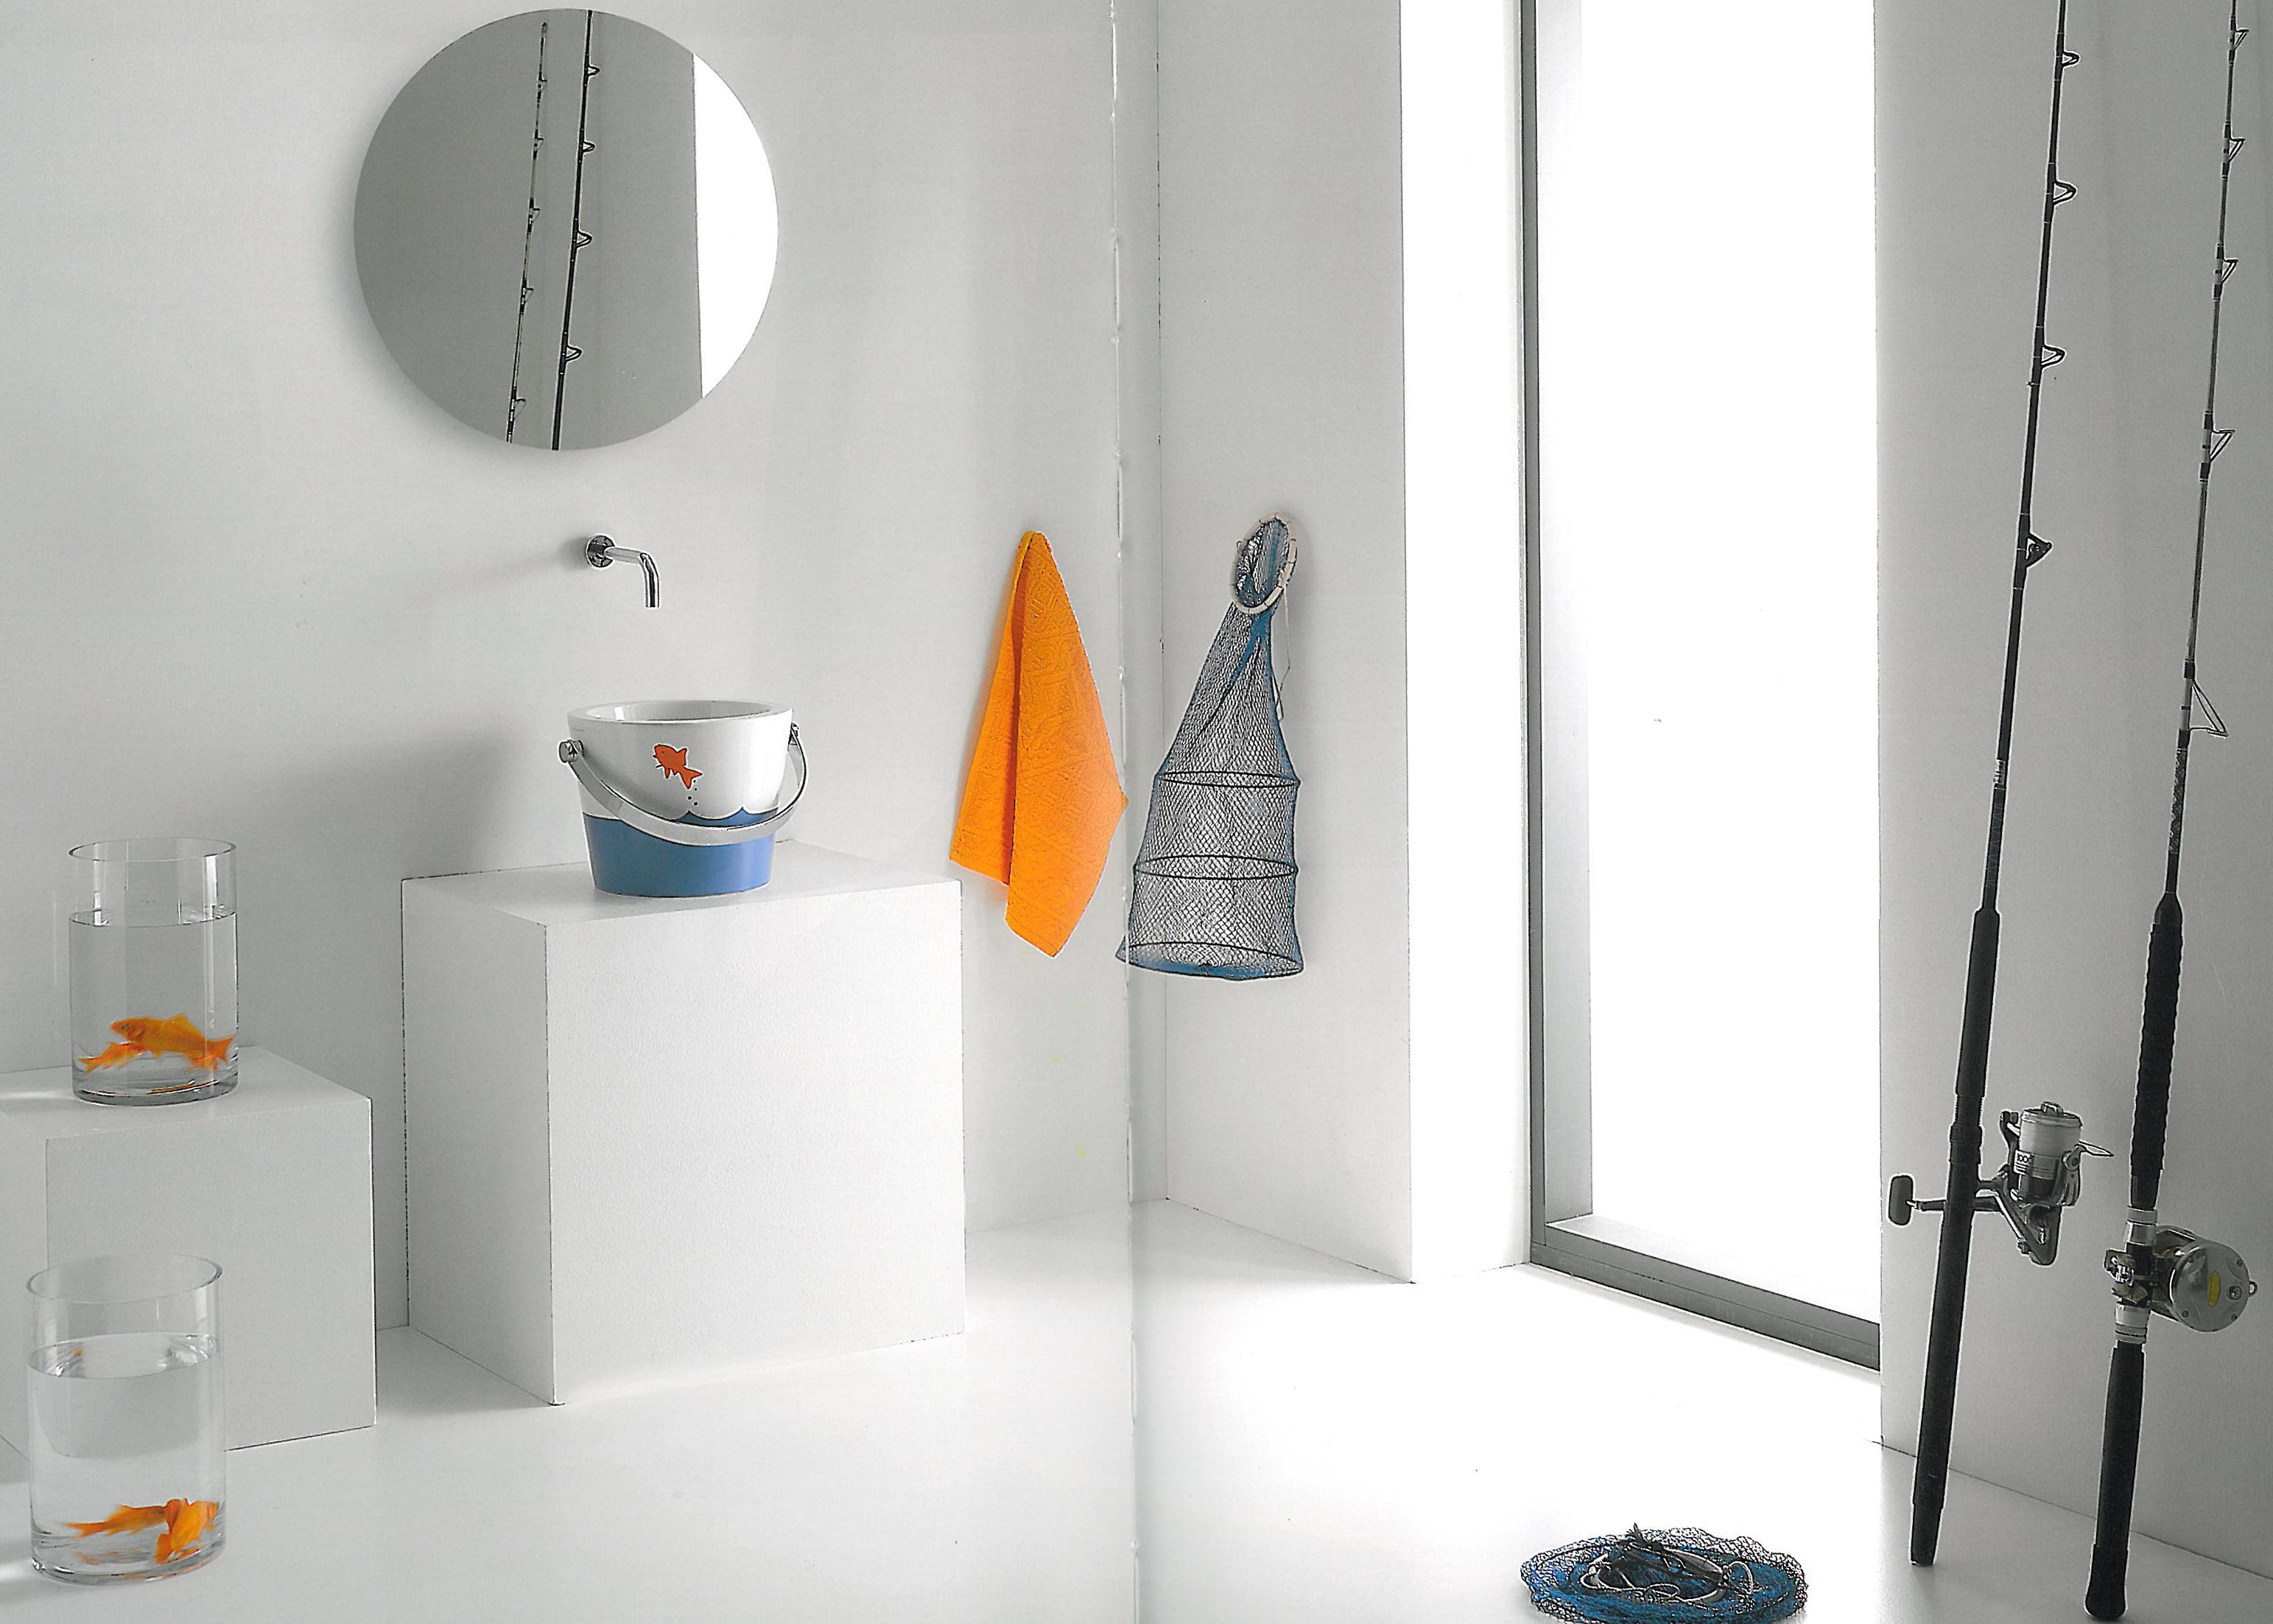 Salles de bains haut de gamme marseille biggi 800m2 d for Salle de bain haut de gamme